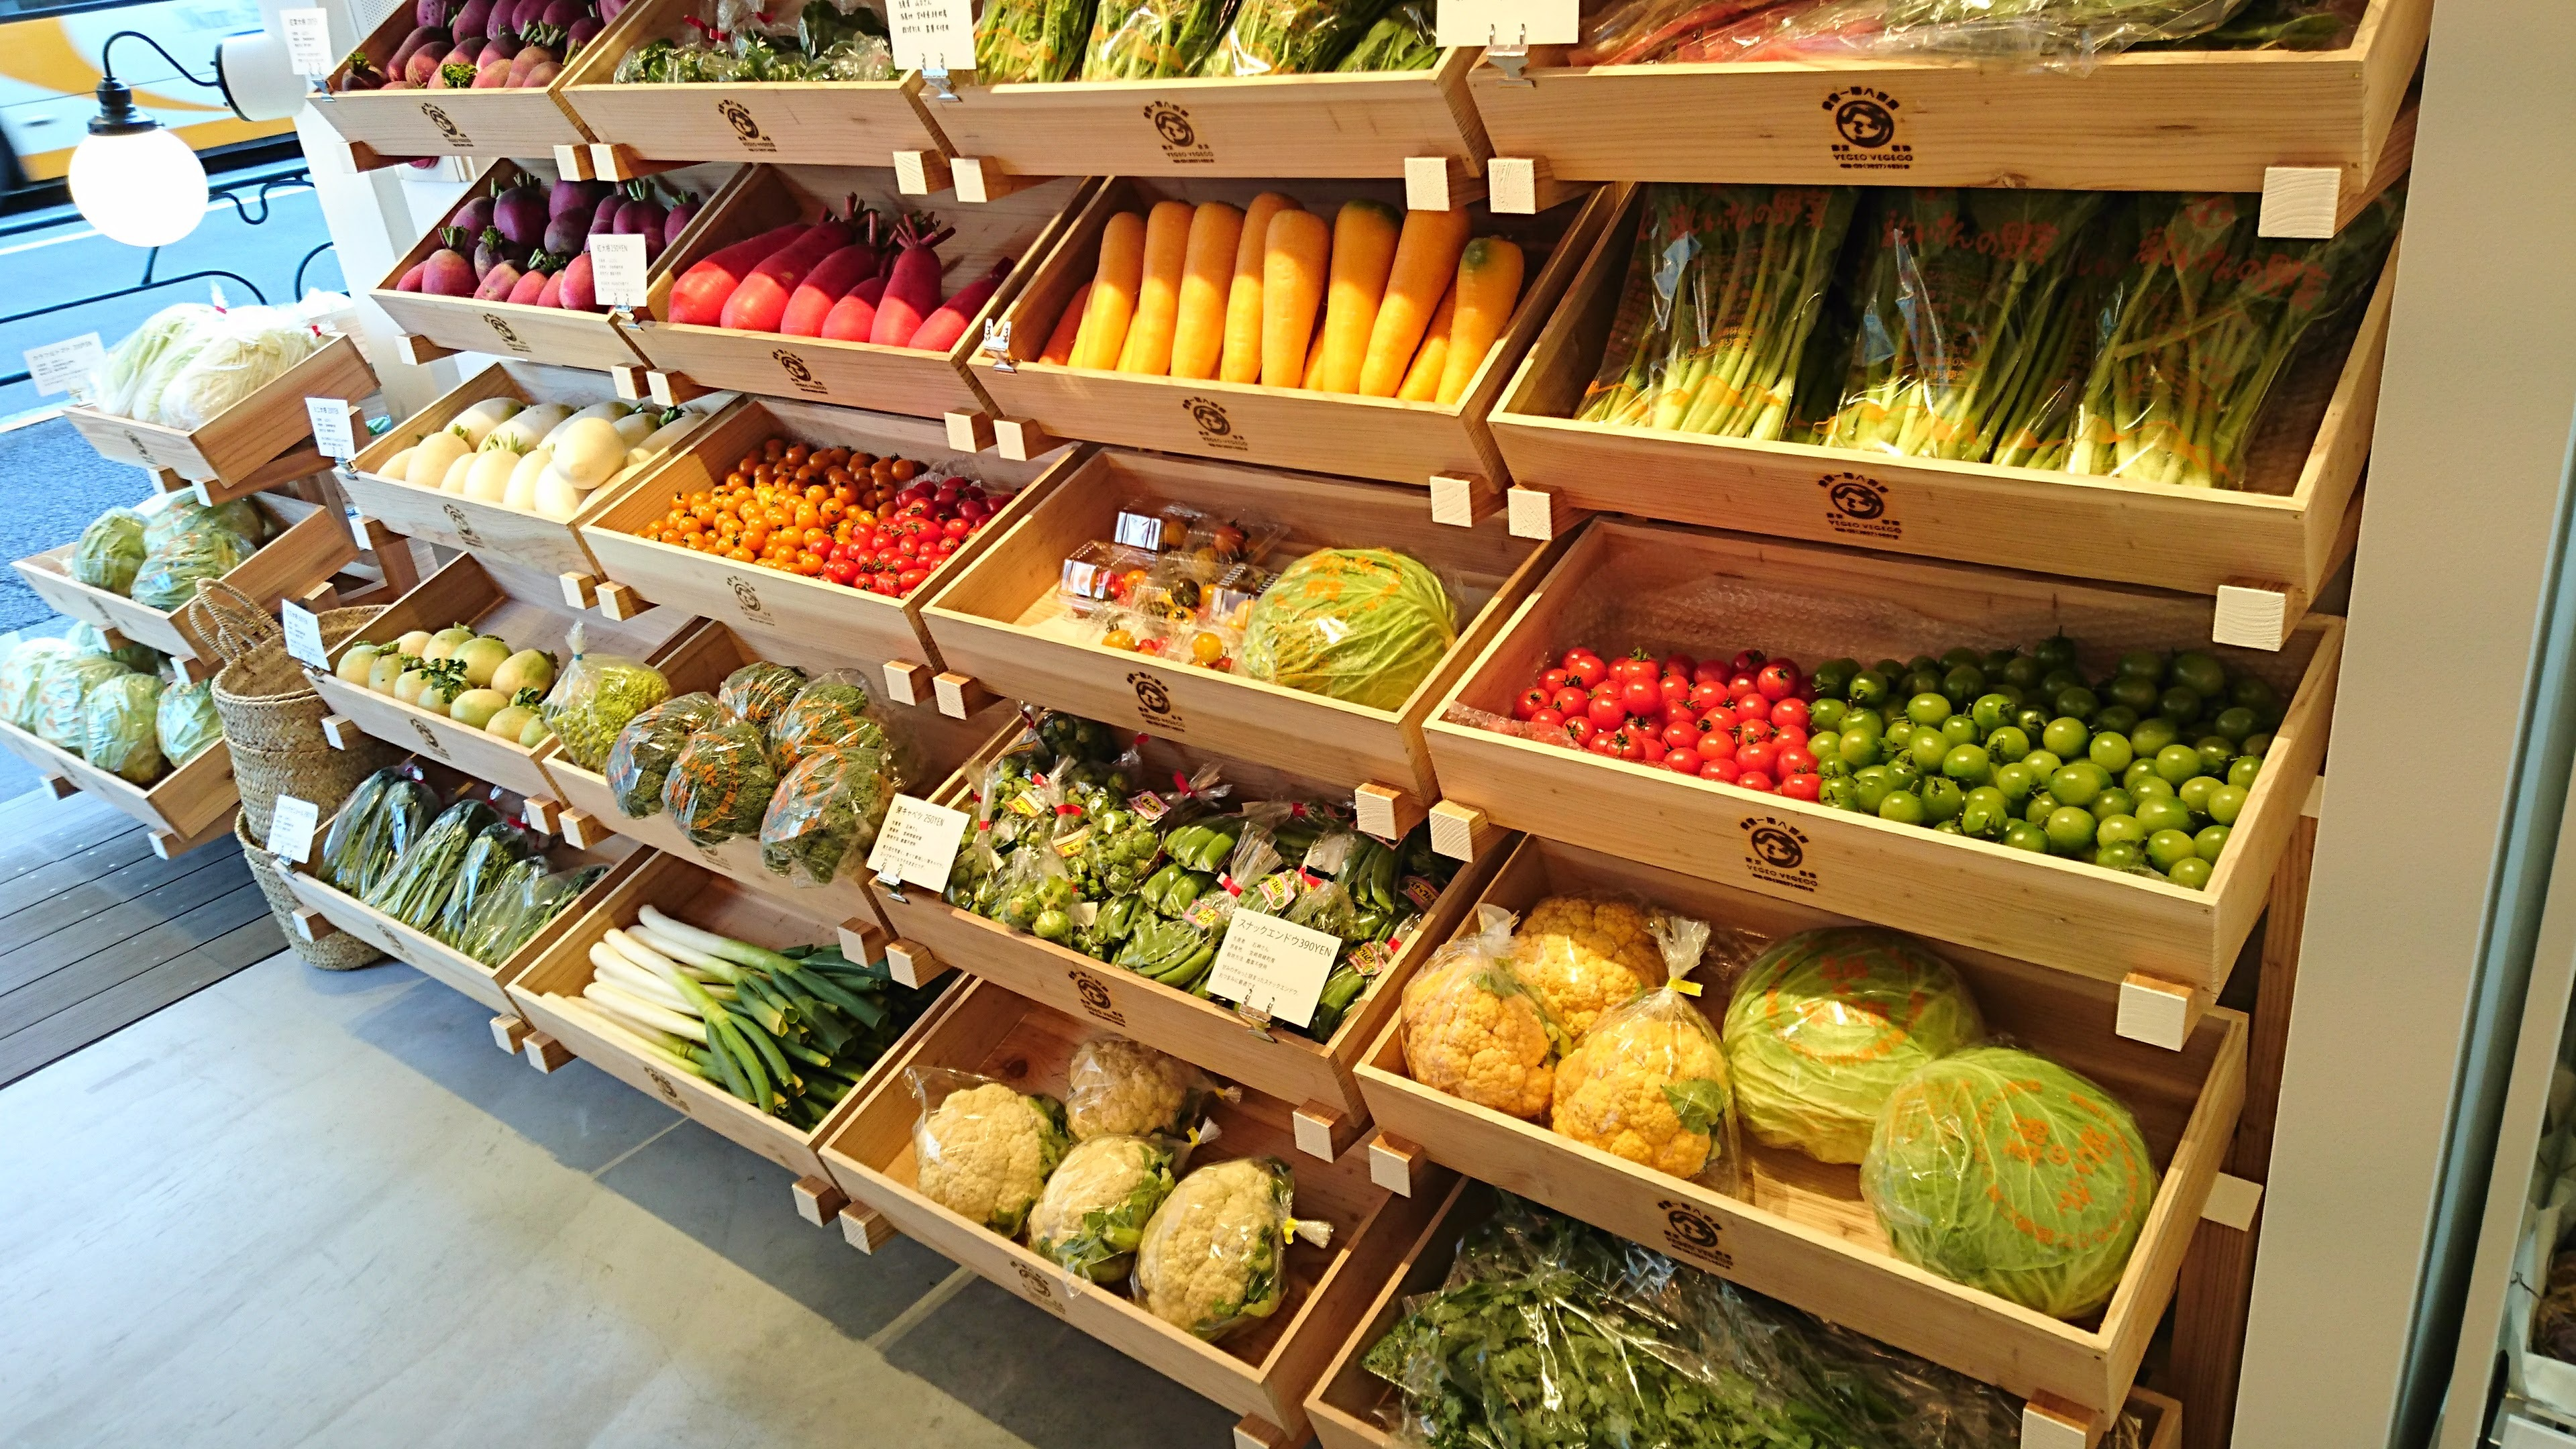 わずか8坪の店内に並ぶのは、宮崎で育った無農薬や減農薬の地球と人にやさしい野菜や果物たち